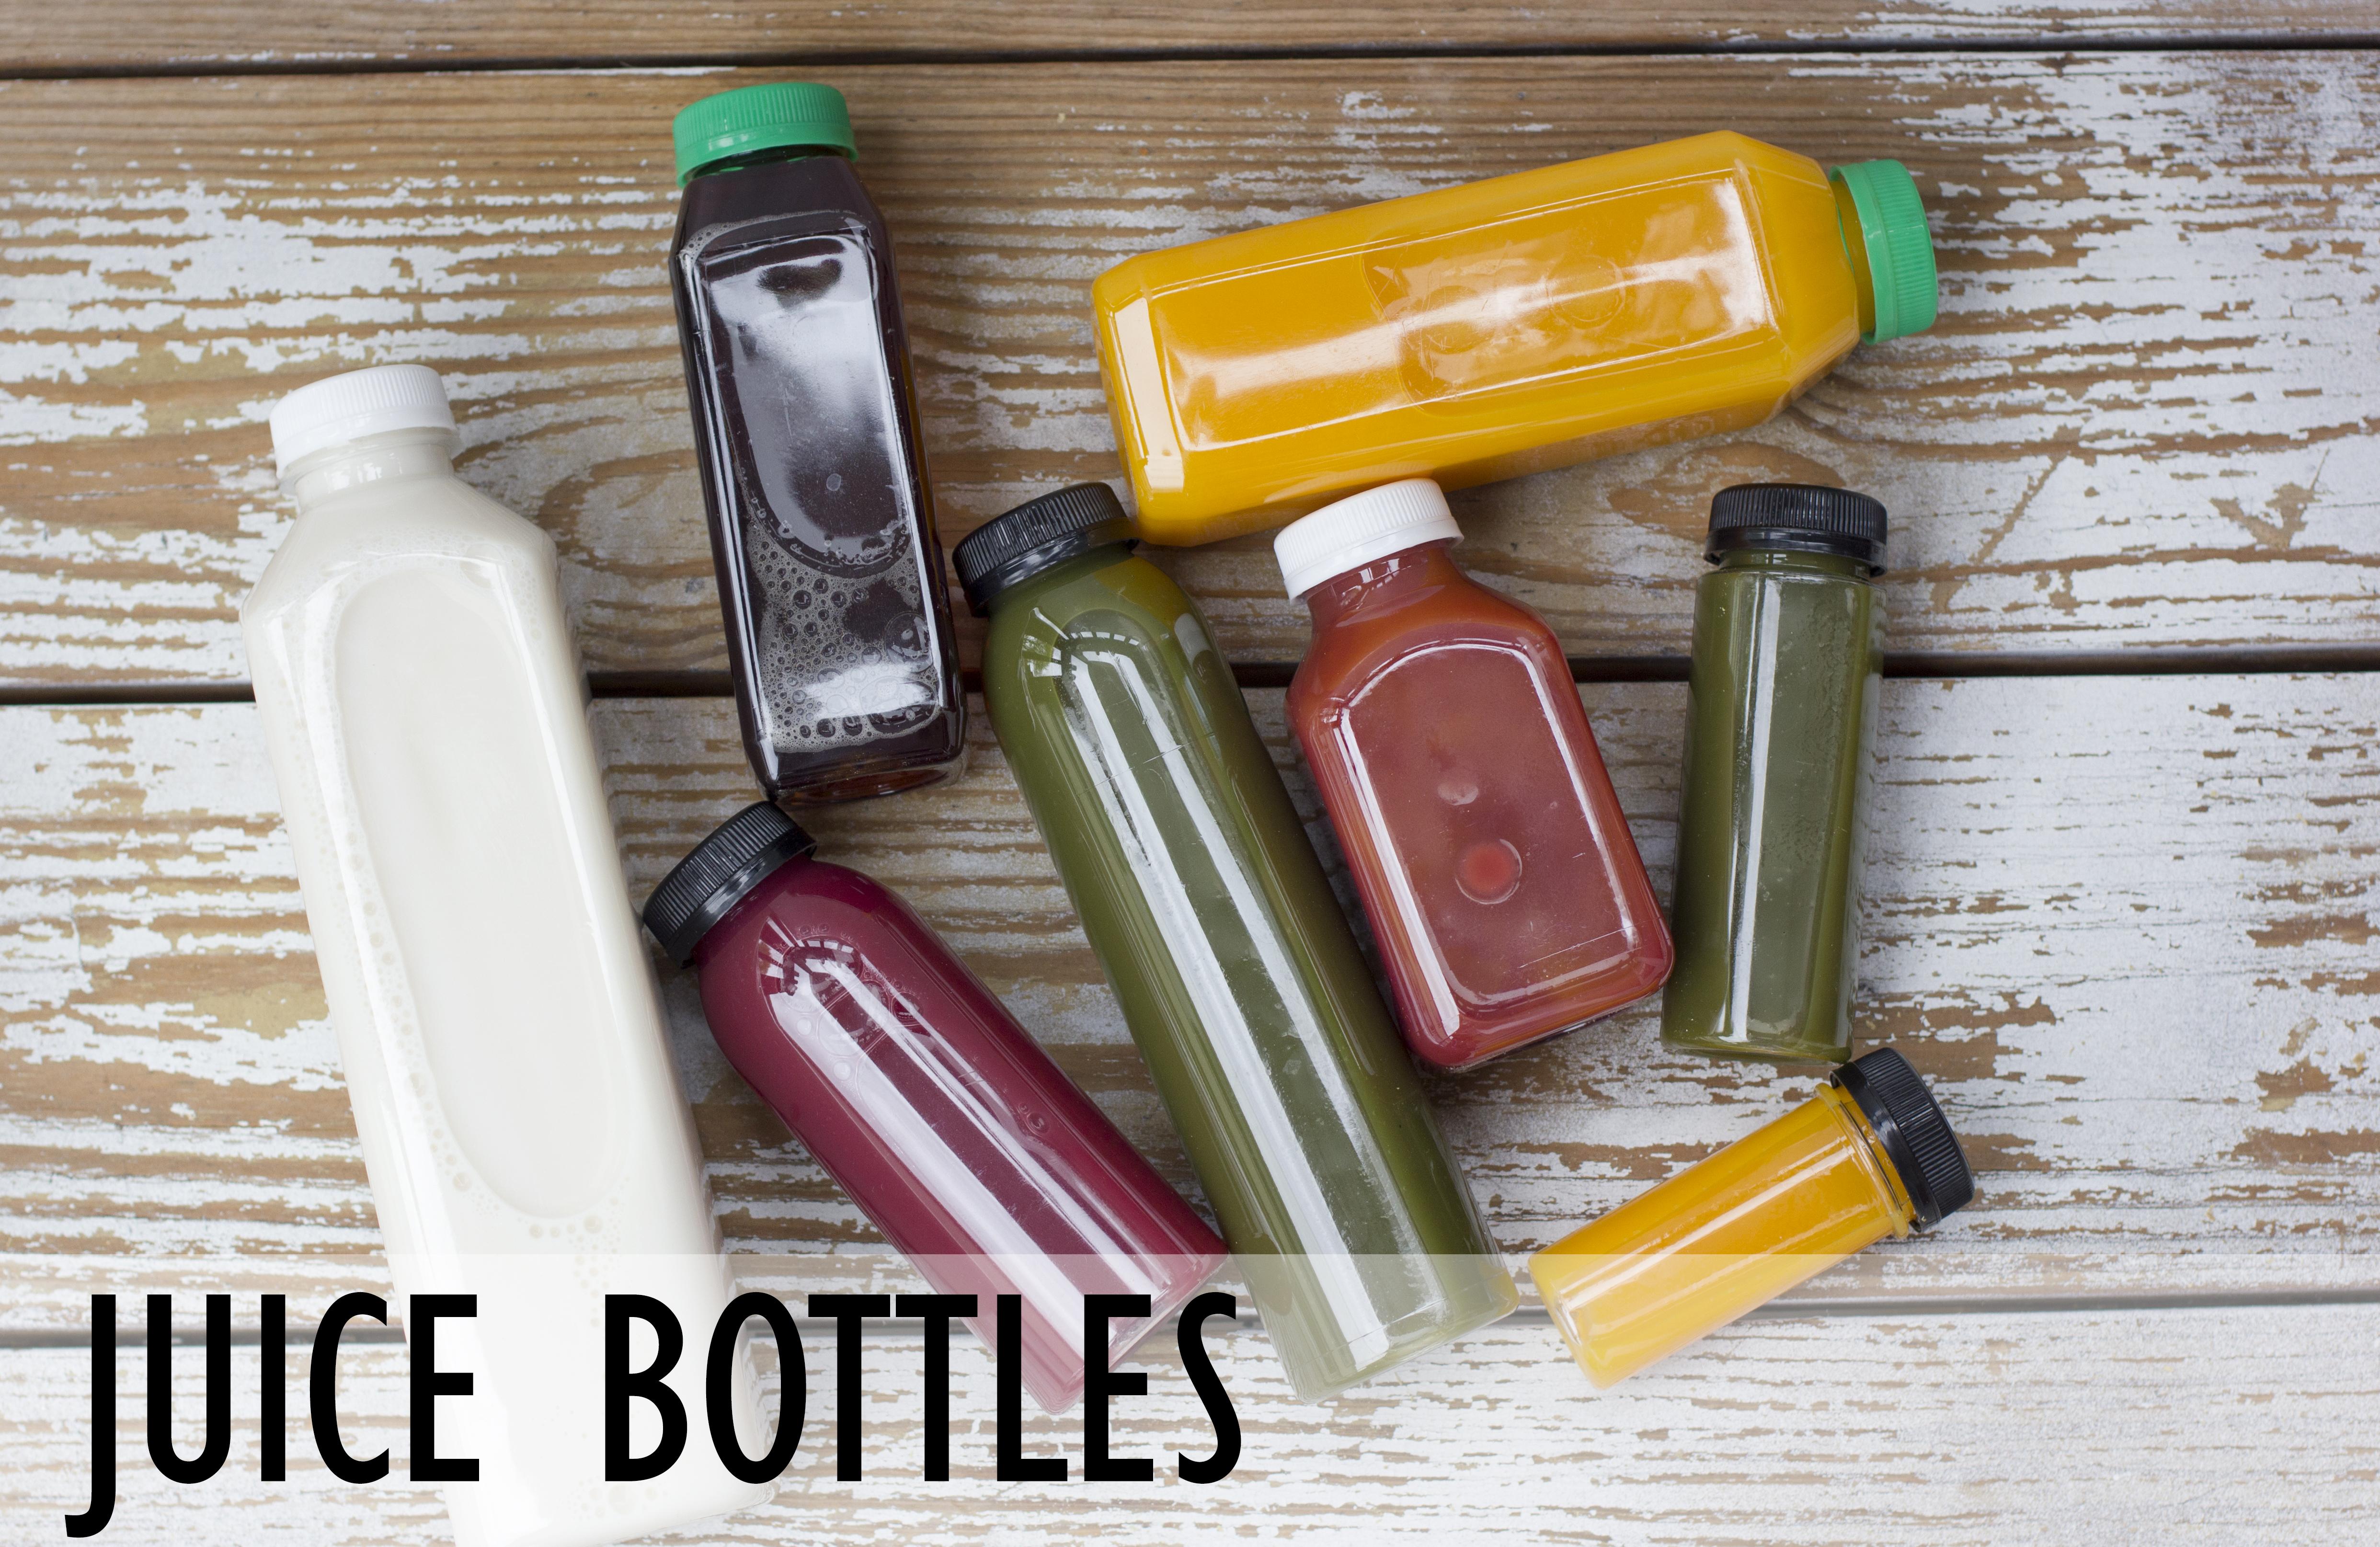 bottles-main-pic.jpg